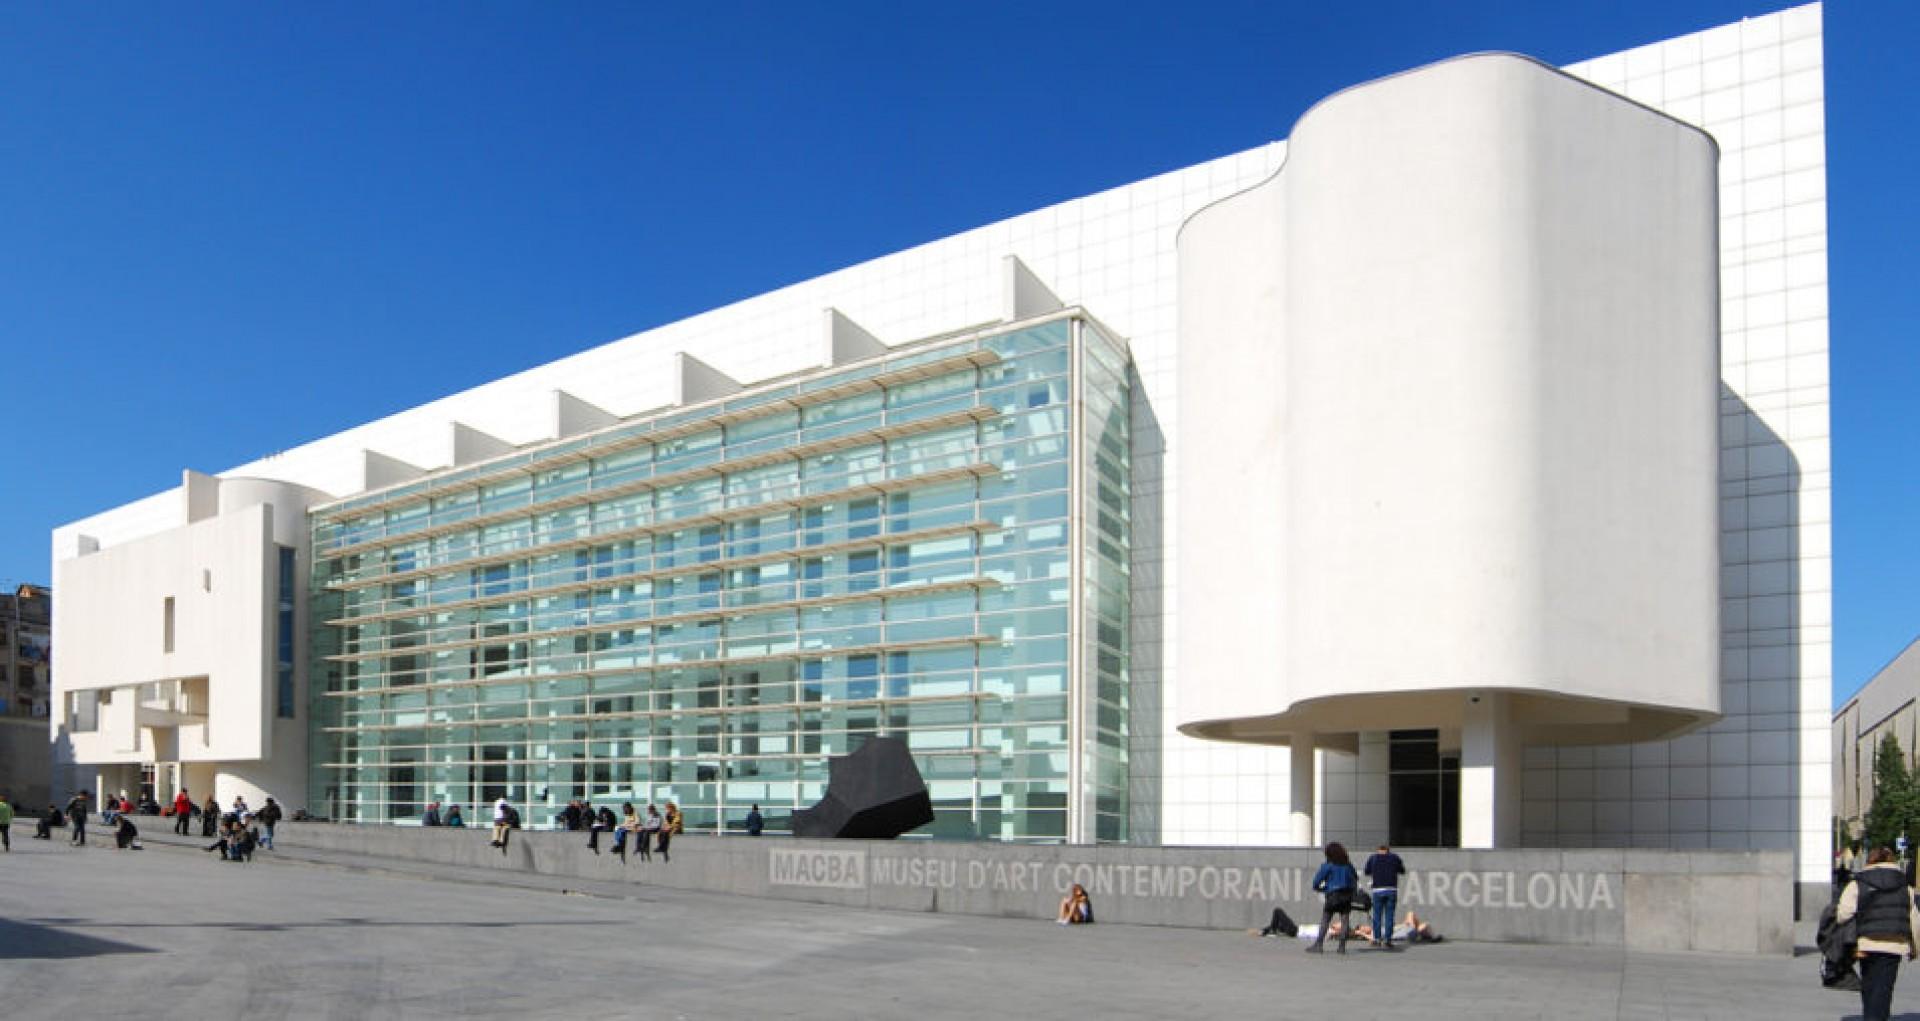 Museu d'art contemporani ( MACBA )